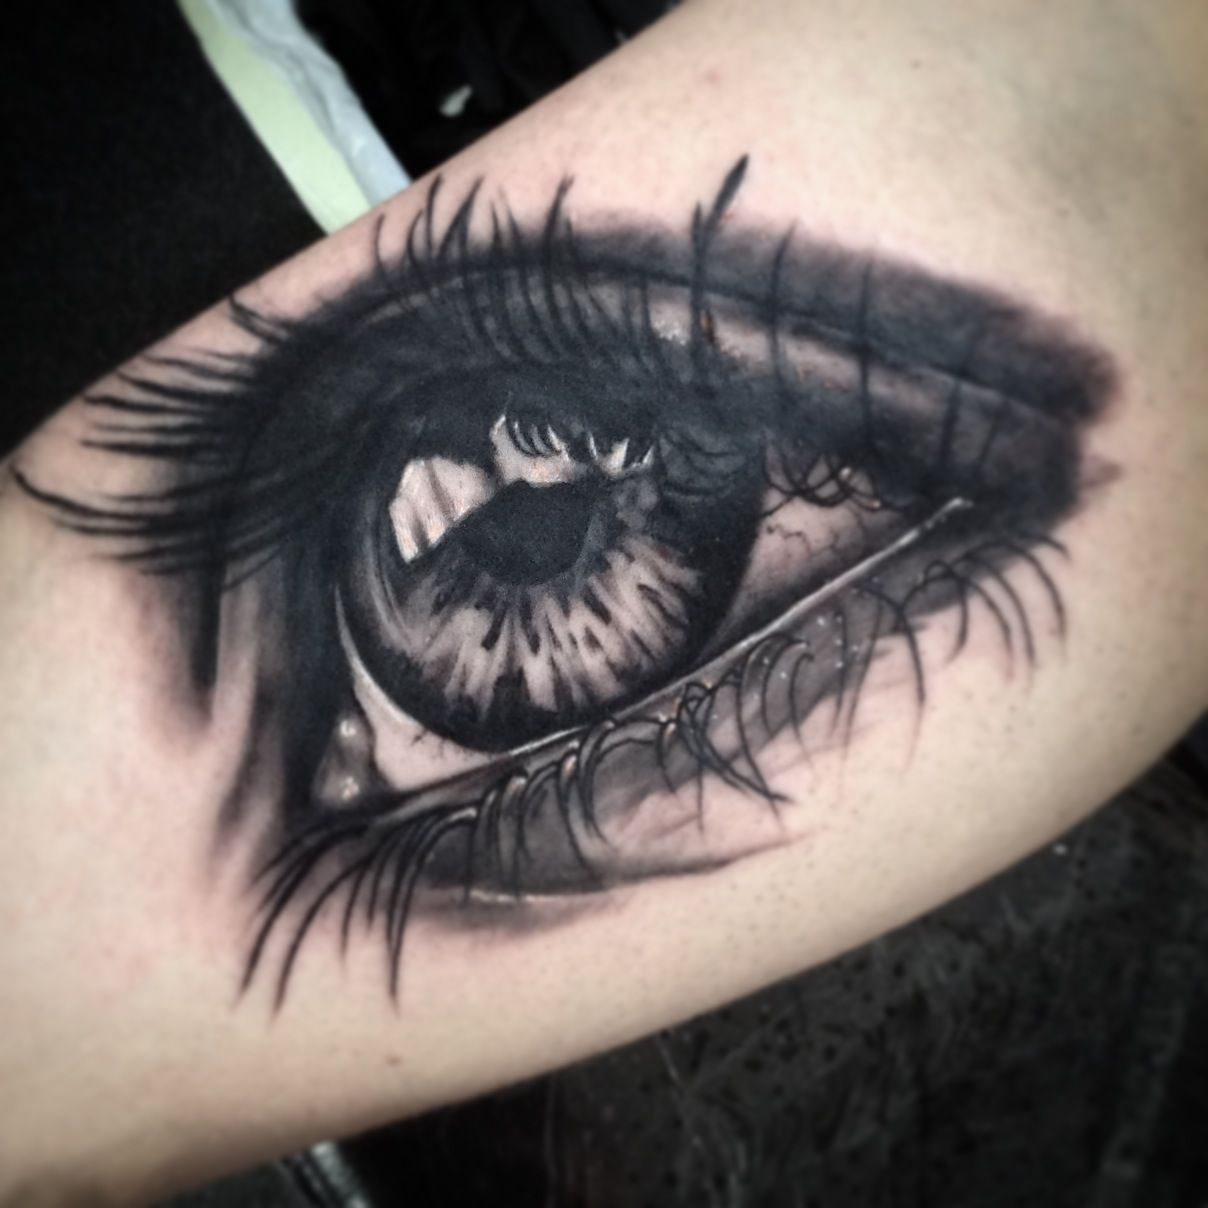 angel eye tattoo Google Search Eye tattoo, Eye tattoo